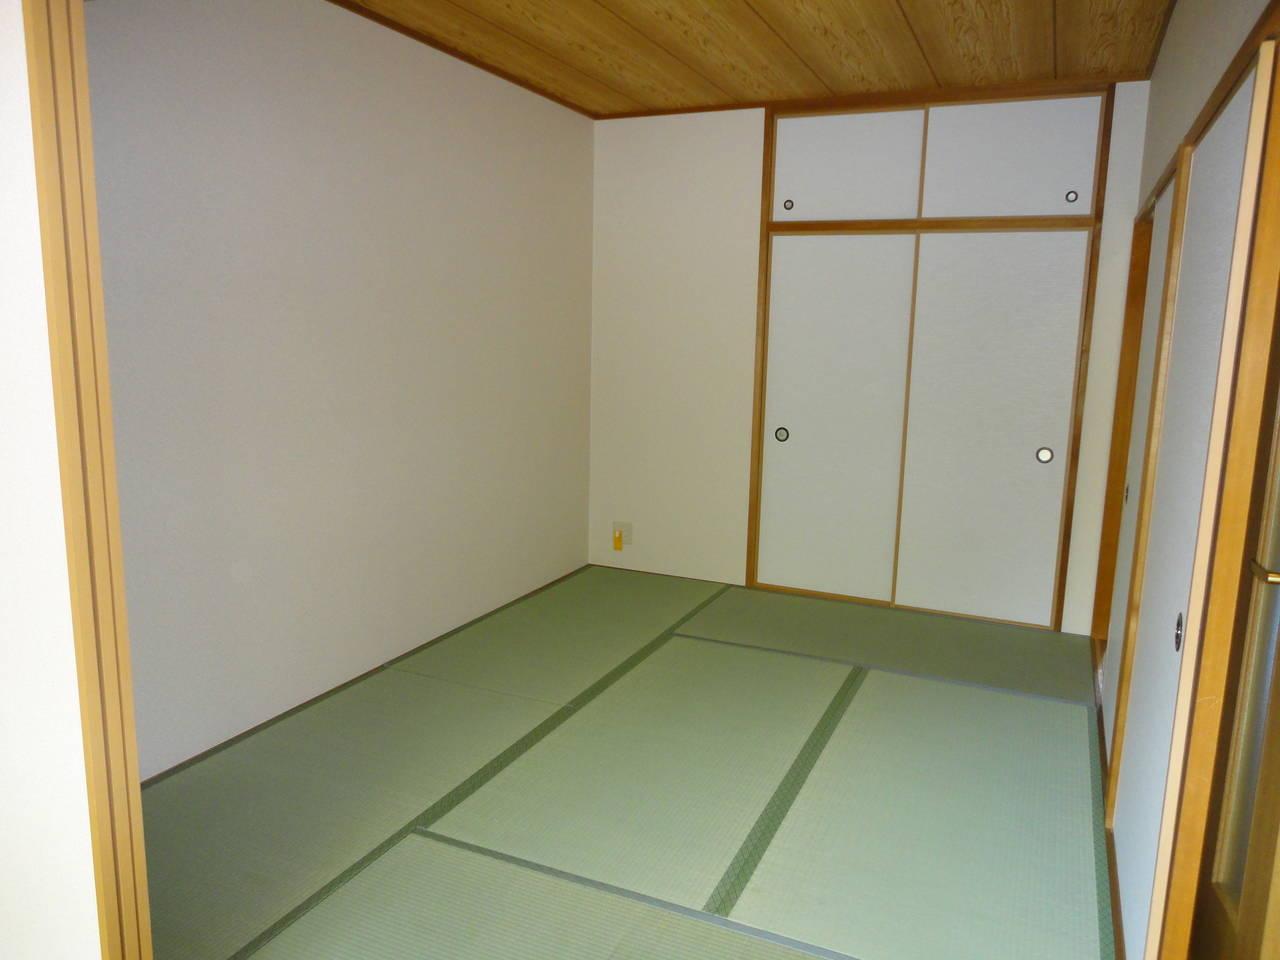 リビング続きの和室で空間が広がりますね。